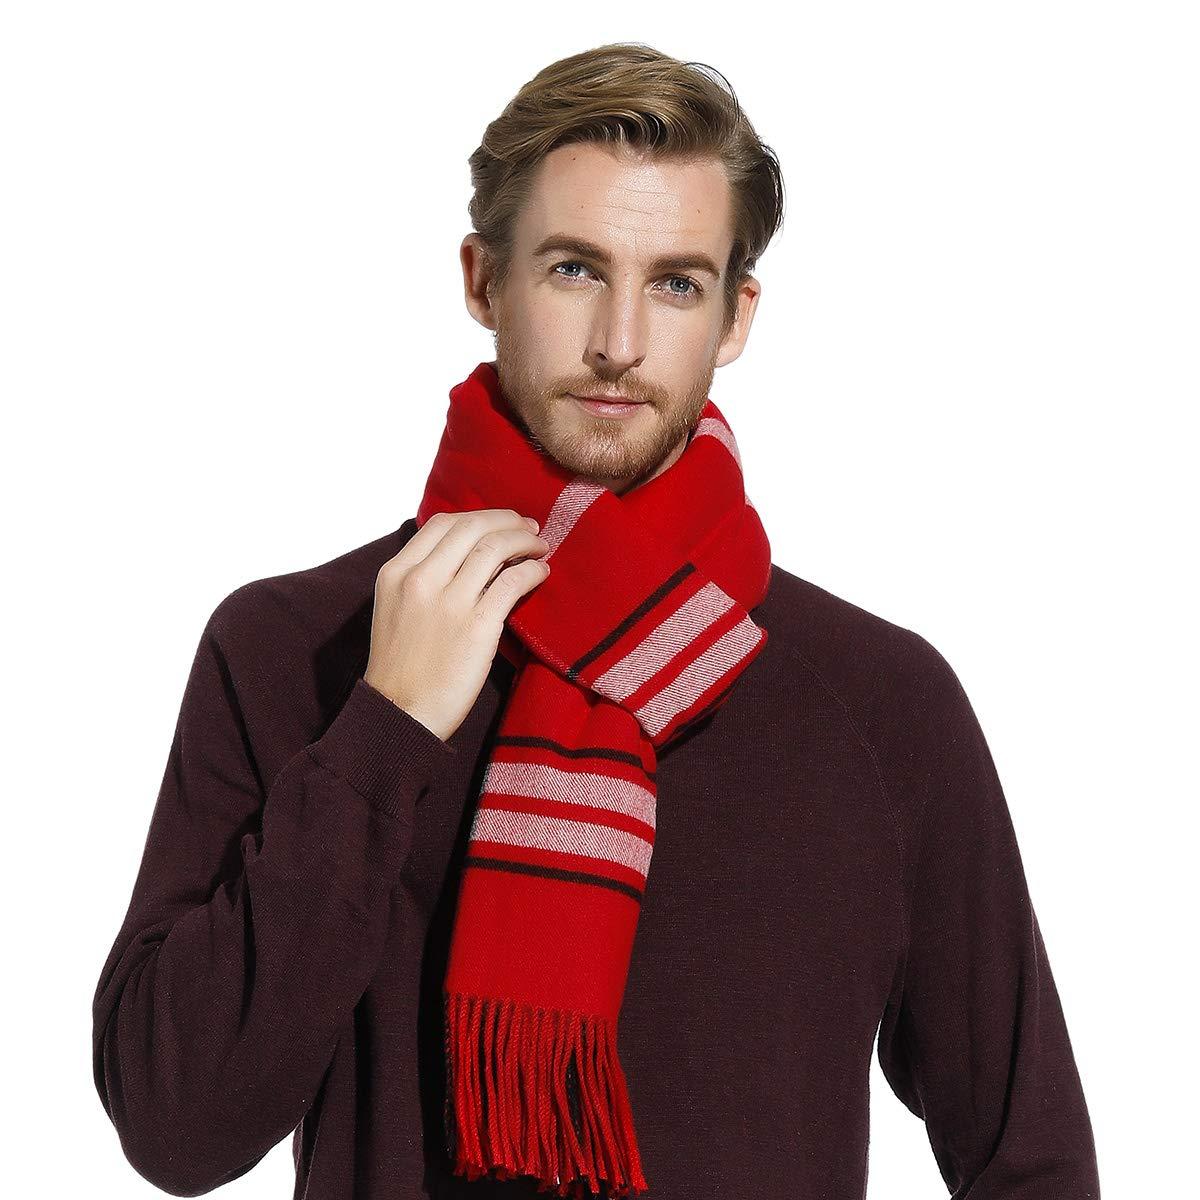 Bufandas de rayas para hombres de mujeres, gruesa larga y estolas, regalo ideal de año nuevo de Navidad, grande 80x27.5pulgada, Varios colores